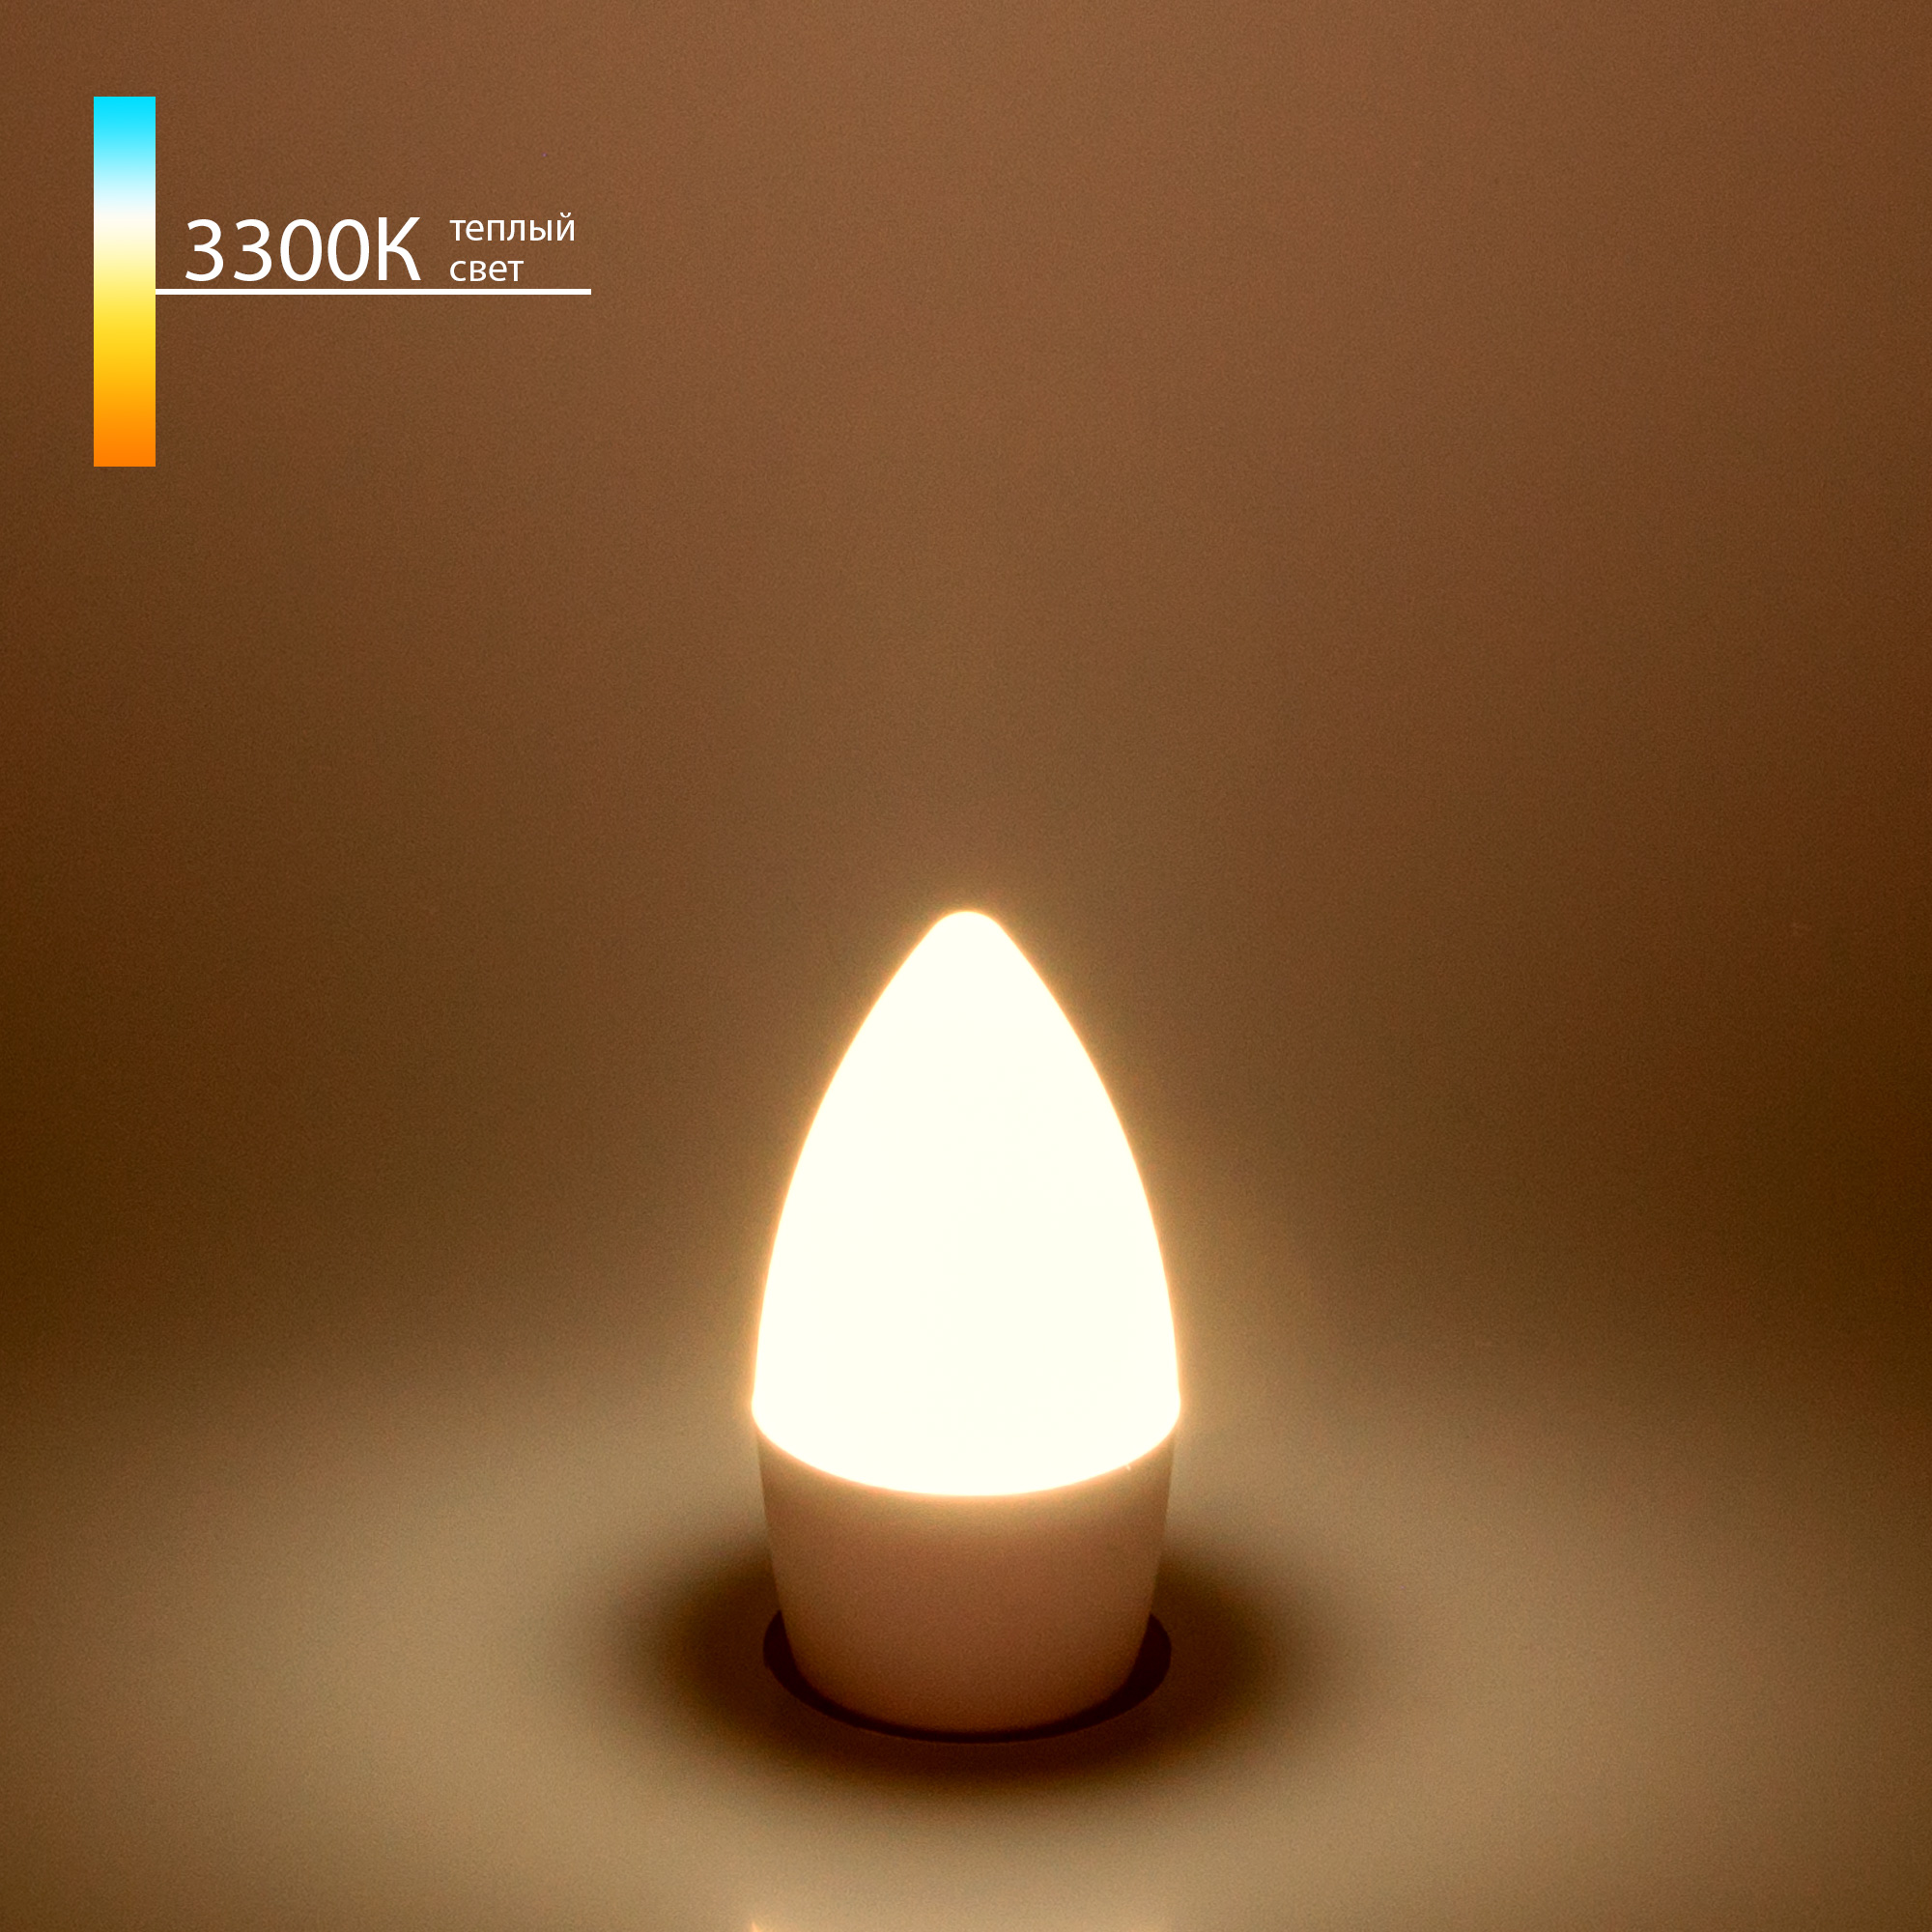 Светодиодная лампа Свеча CD LED 6W 3300K E27